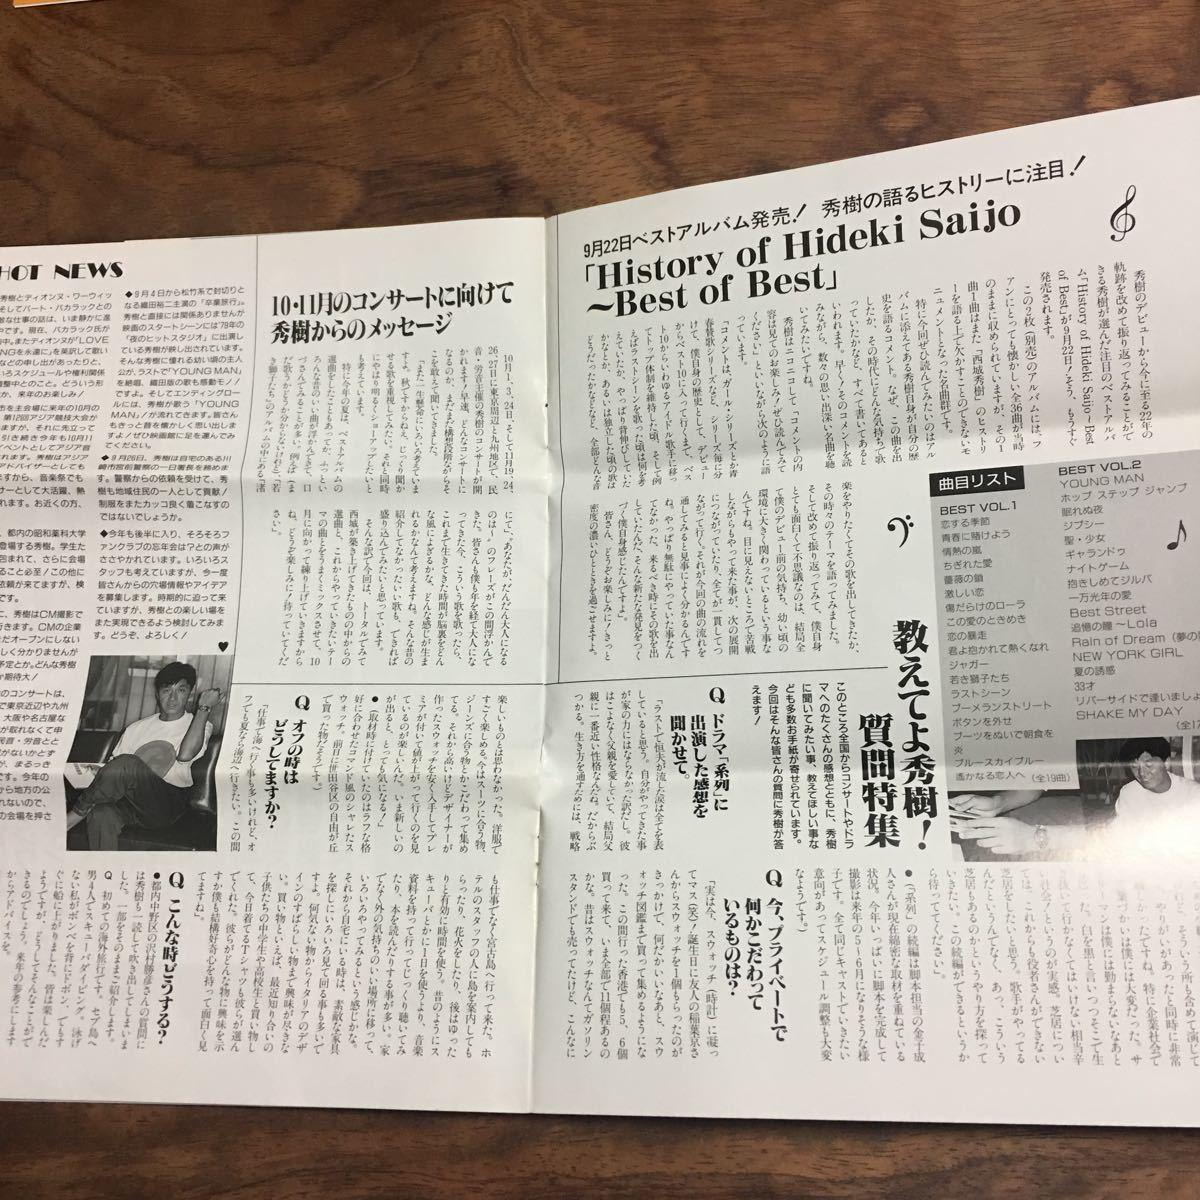 西城秀樹 ファンクラブ会報誌 DUET 1993 vol 31_画像2